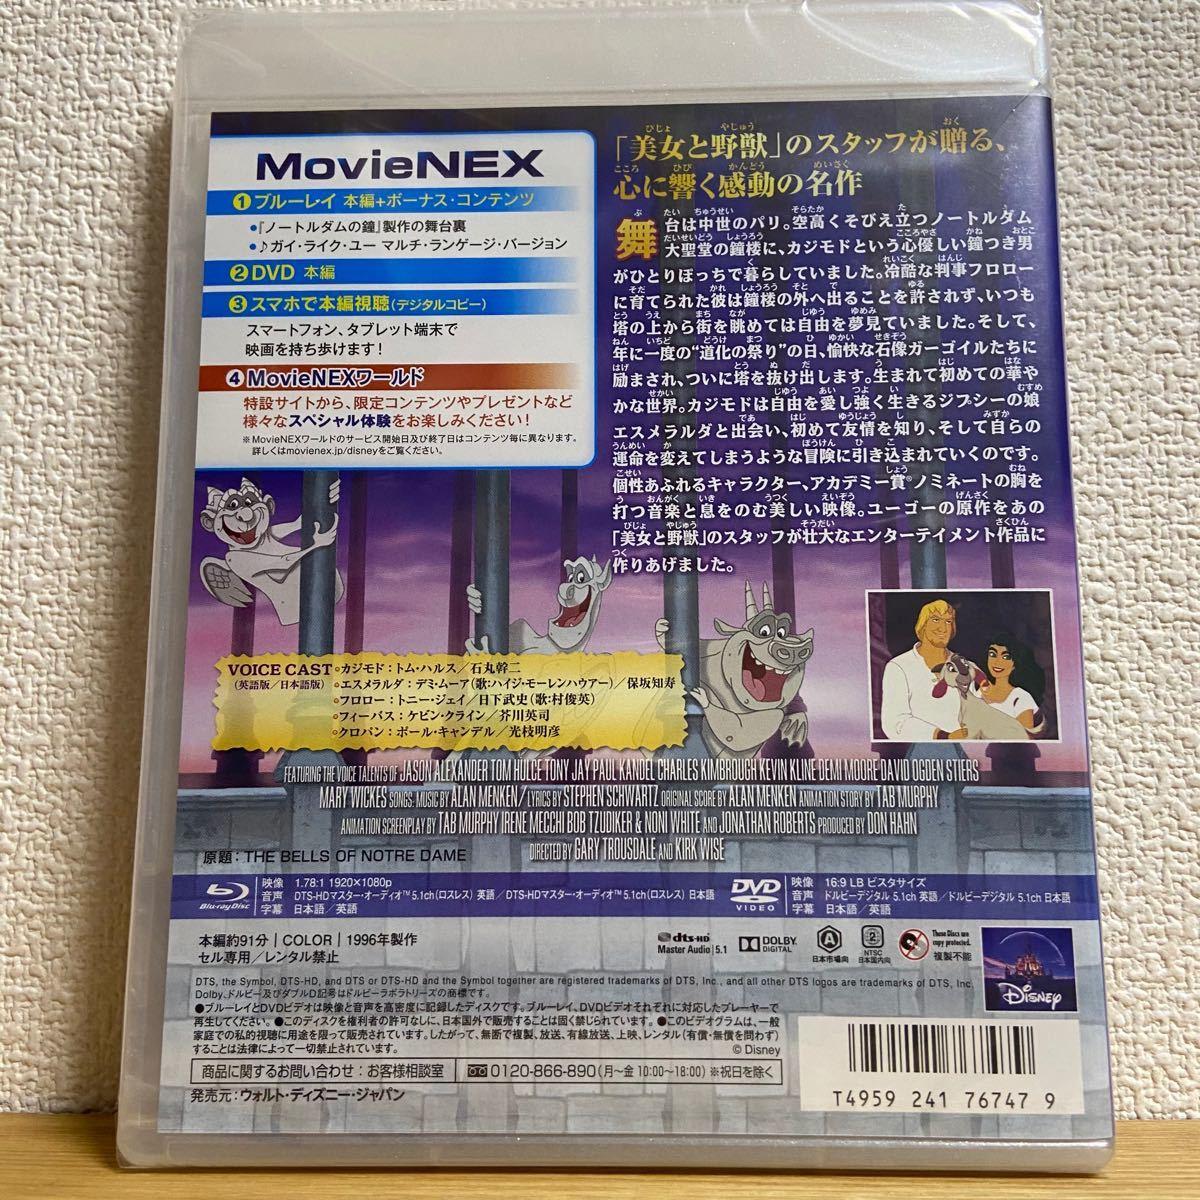 ノートルダムの鐘 MovieNEX('96米) ブルーレイ+純正ケース